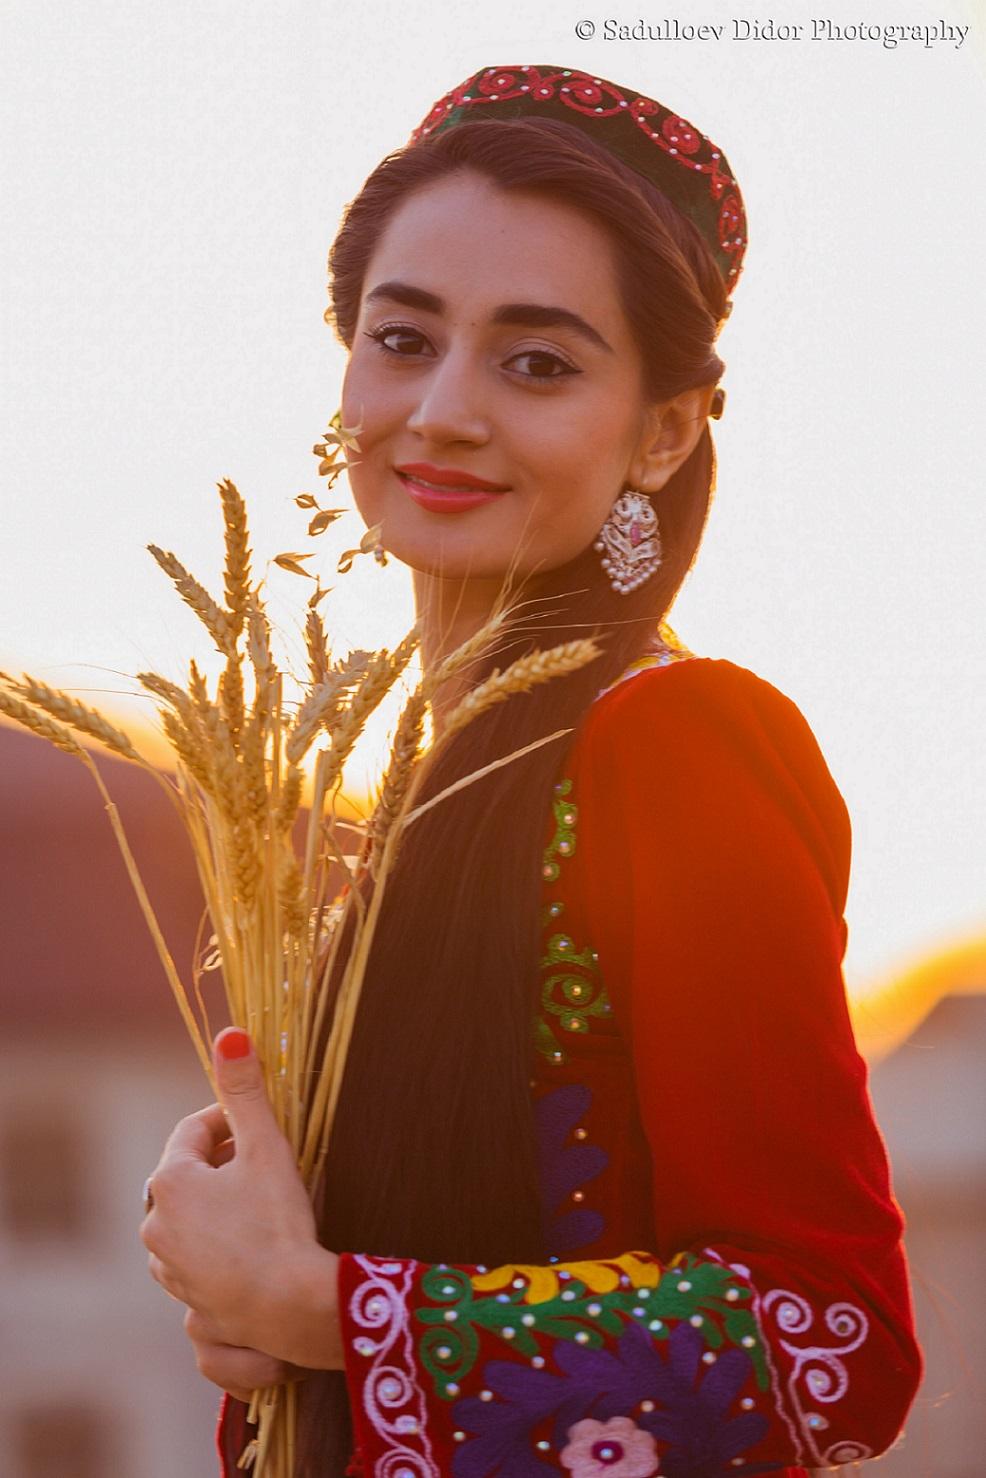 Фото красивых девушек таджикистана 5 фотография